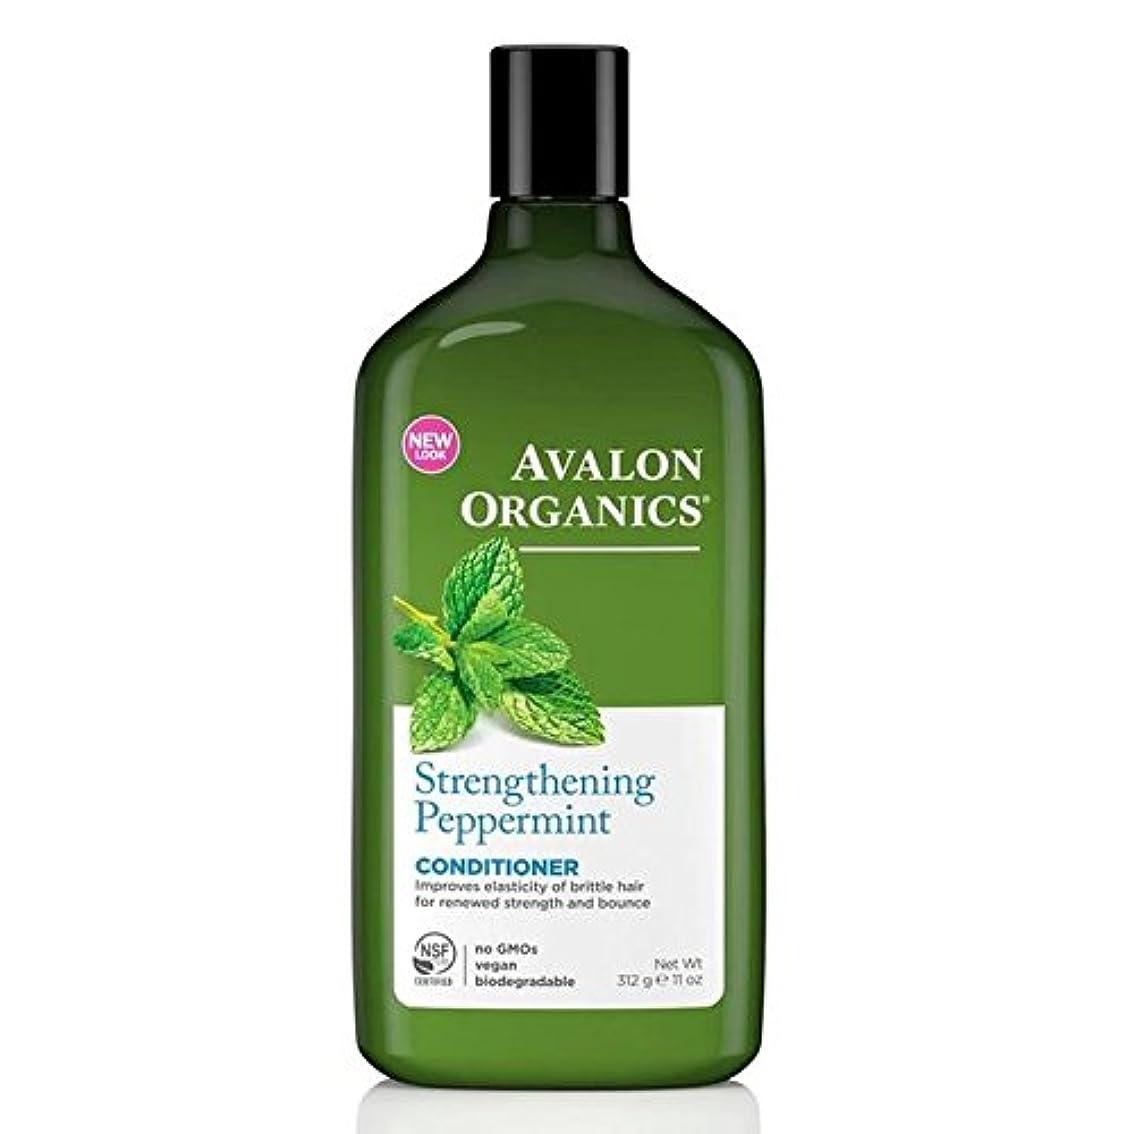 祭司傷つける取り囲むAvalon Organics Peppermint Conditioner 325ml - (Avalon) ペパーミントコンディショナー325ミリリットル [並行輸入品]